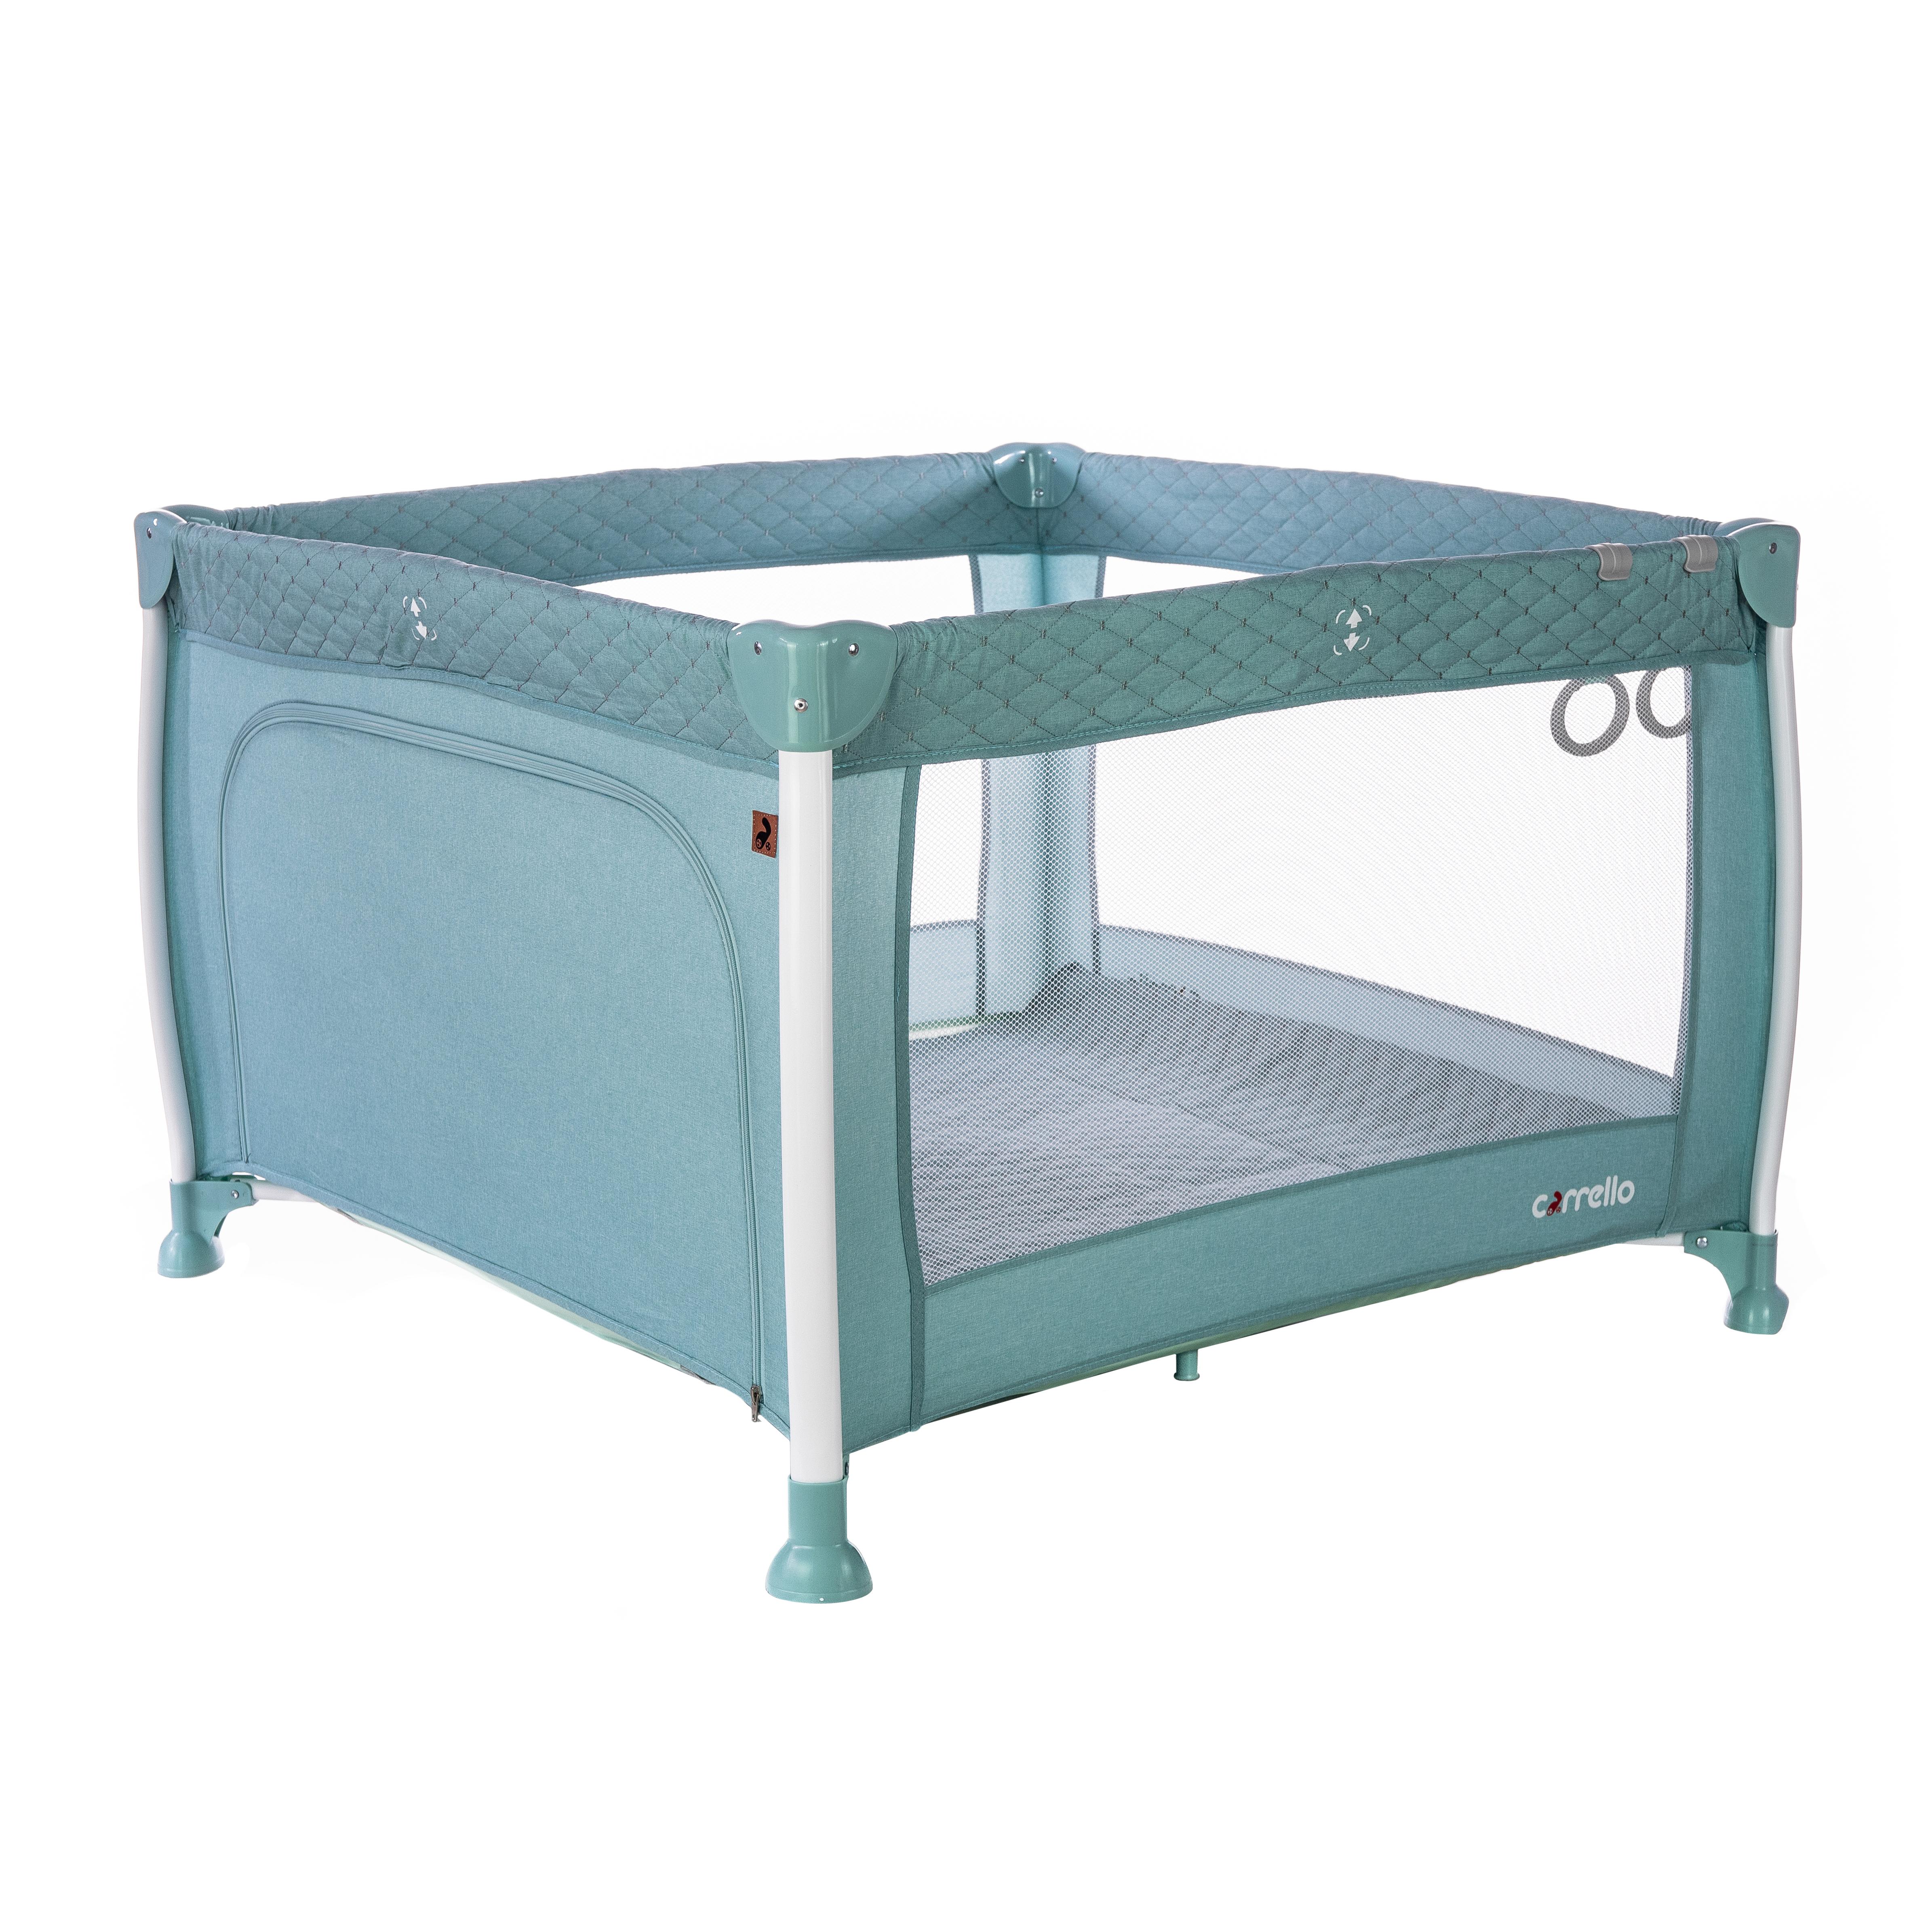 Манеж CARRELLO Cubo CRL-11602/1 Mint Green /1/ MOQ